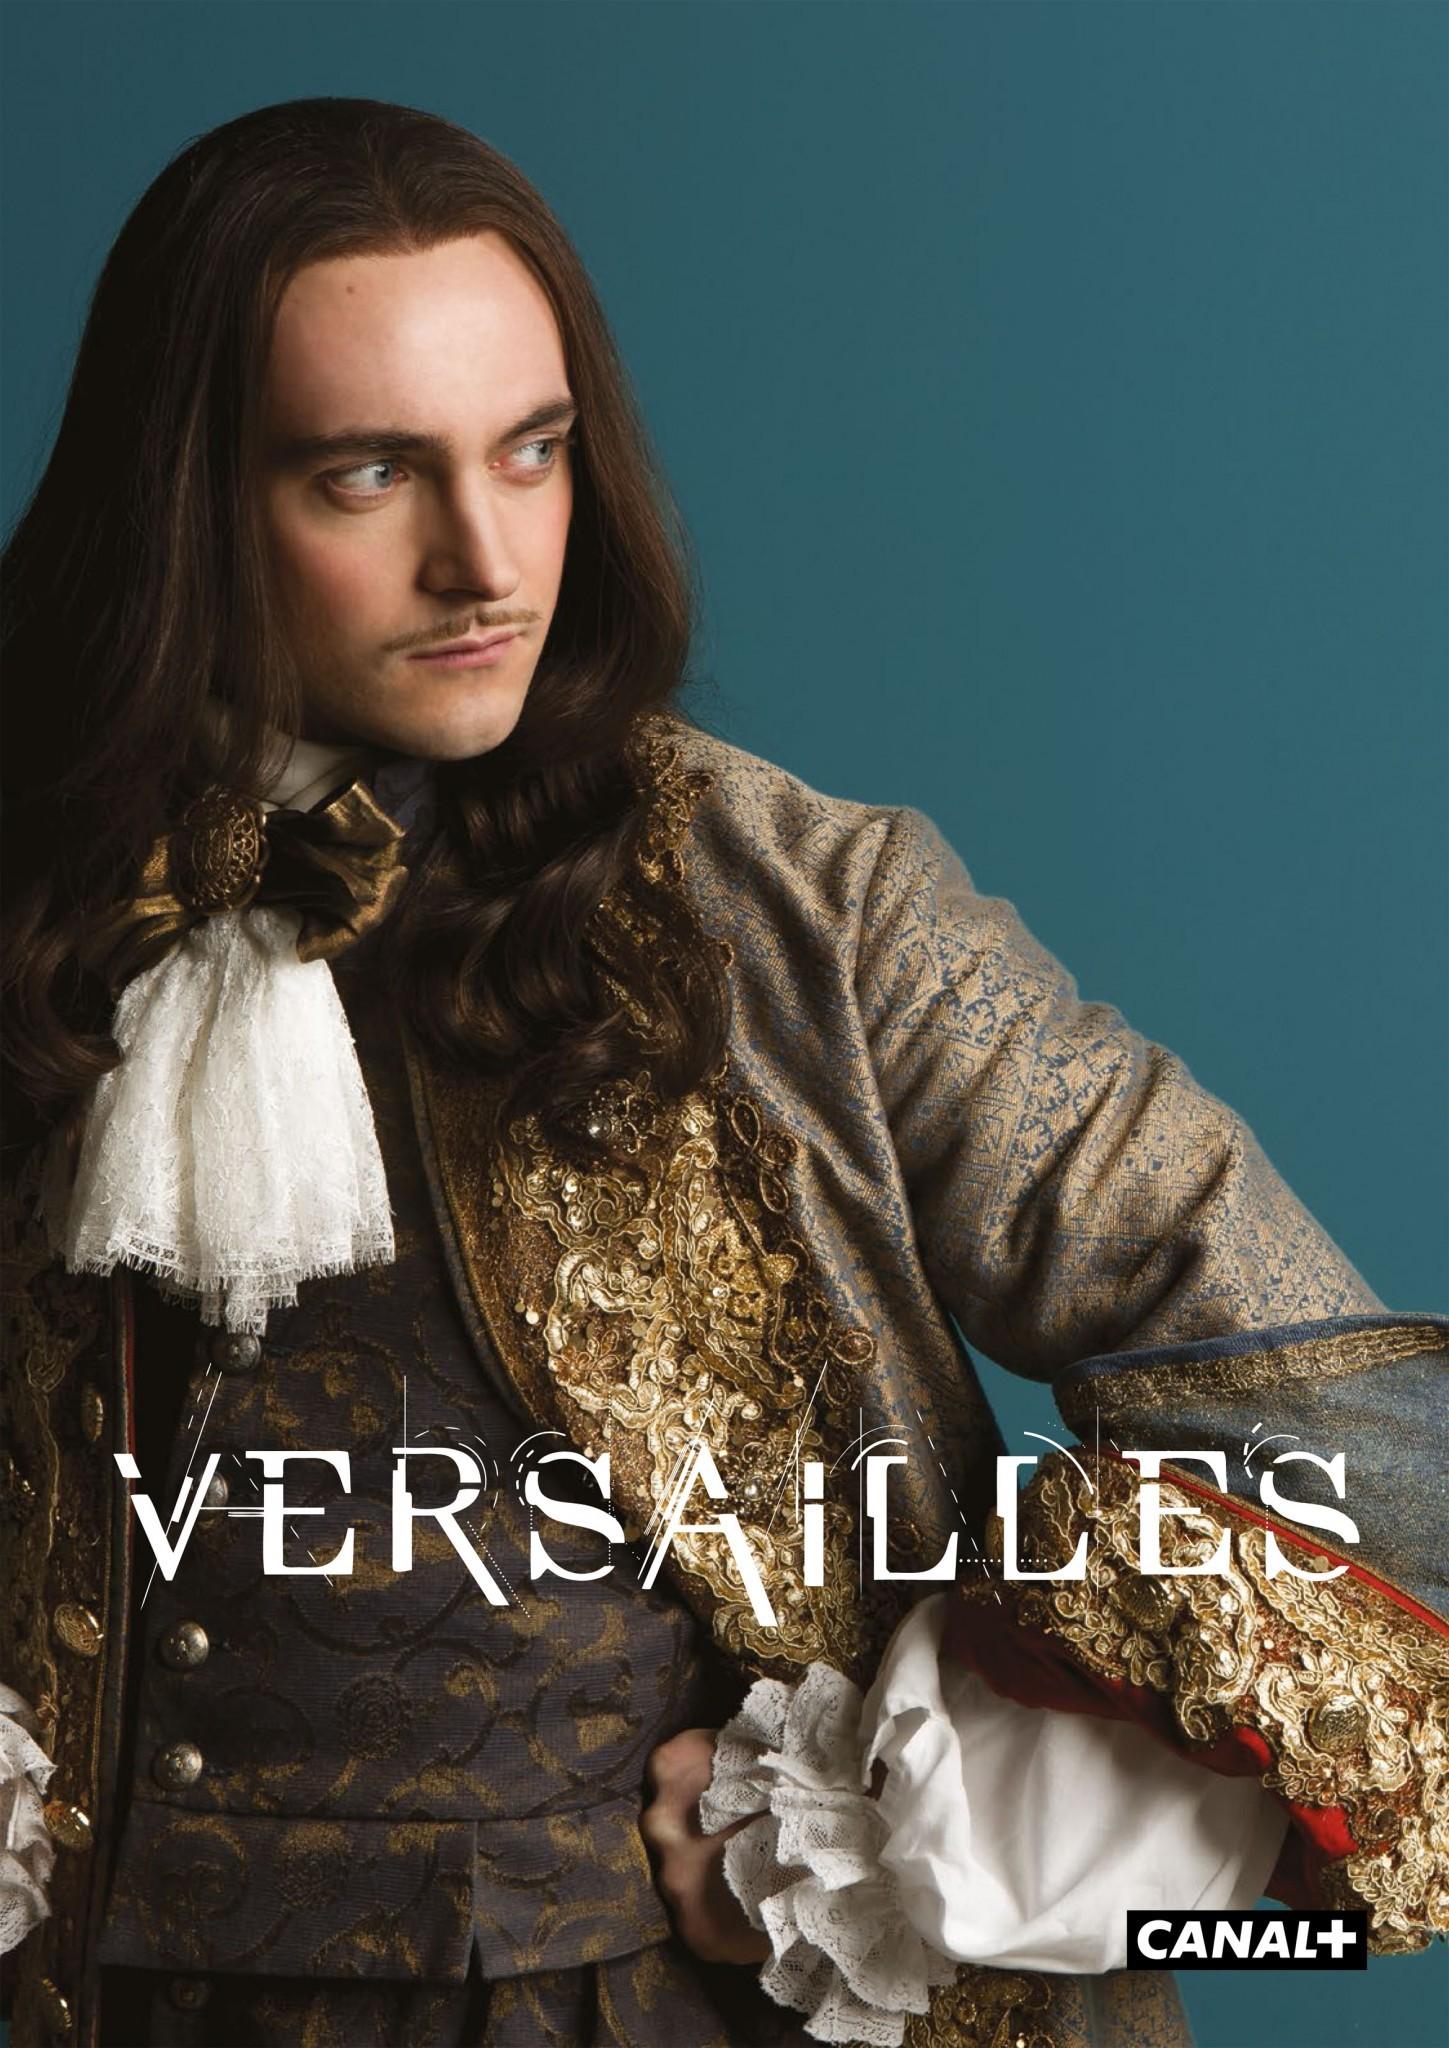 Versailles Saison 3 Netflix : versailles, saison, netflix, VIDEO, REVIEW],